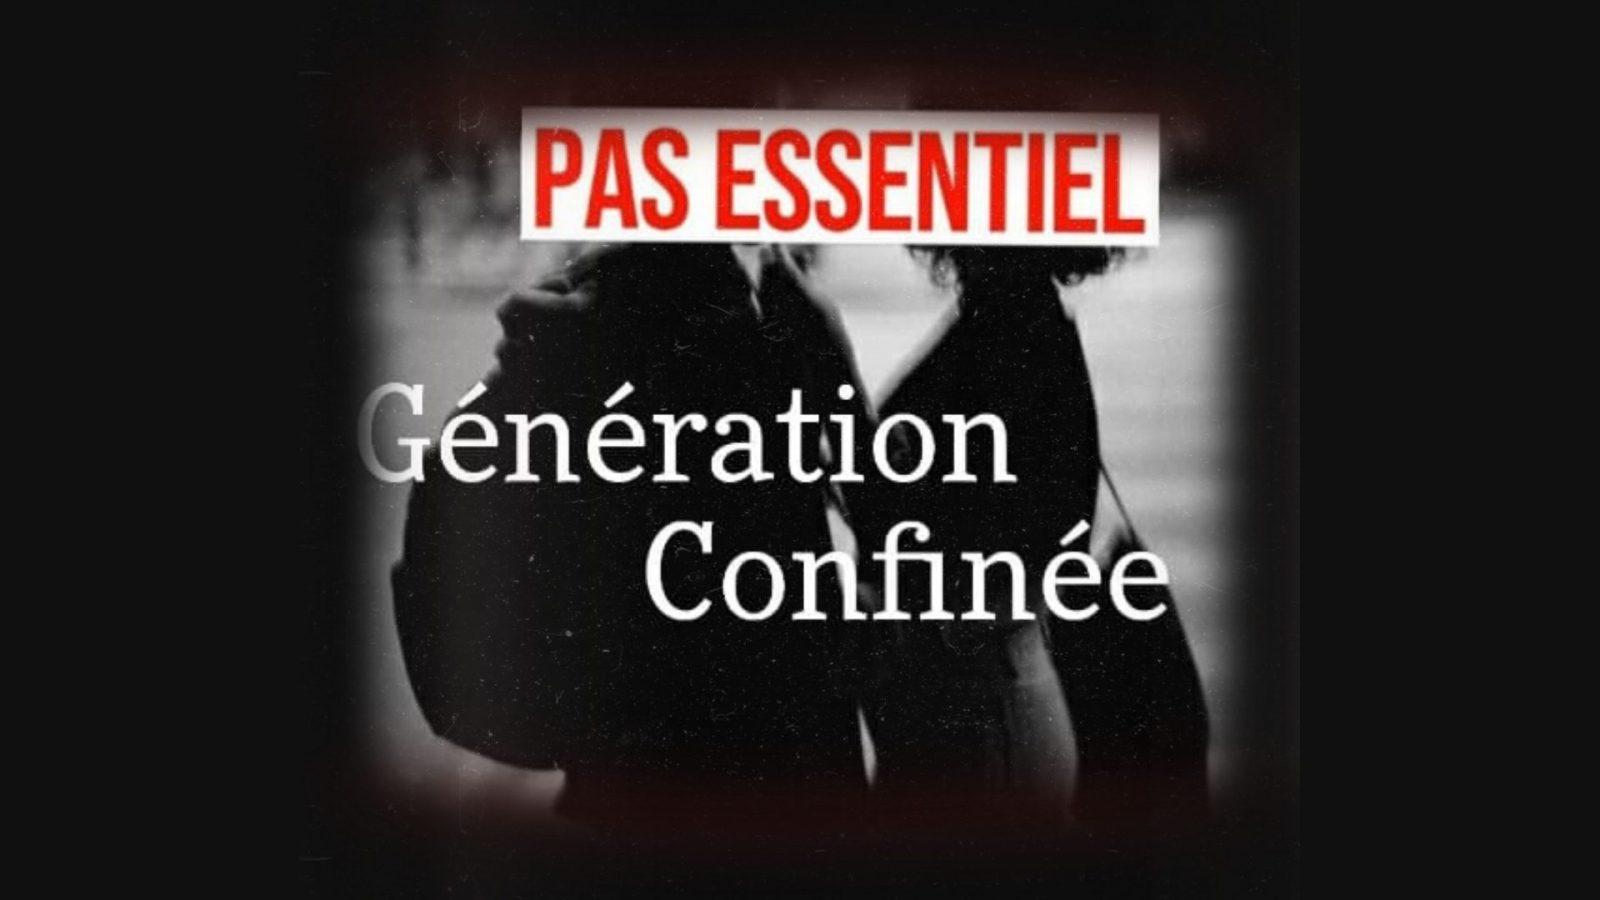 Visuel collectif anonyme ALARM génération confinée